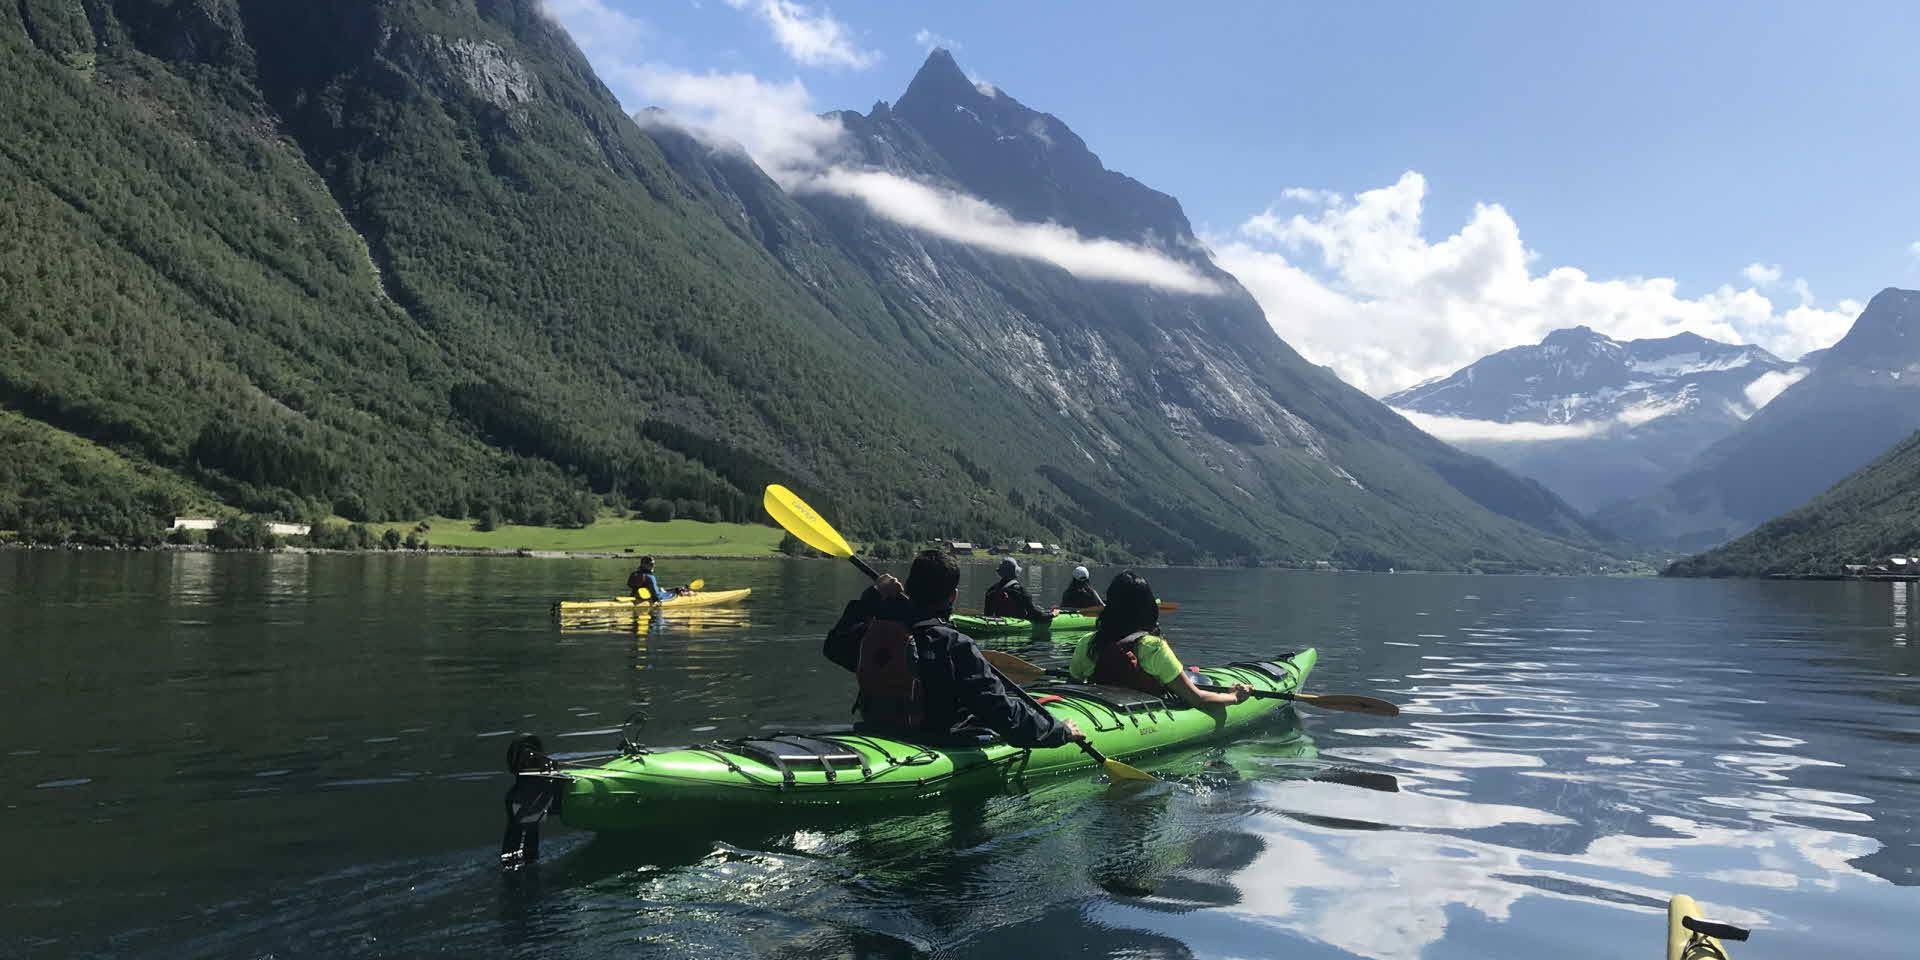 印象的なフィヨルドの風景に囲まれたヨルンフィヨルド(Hjorundfjord)の中でカヤックをする人々